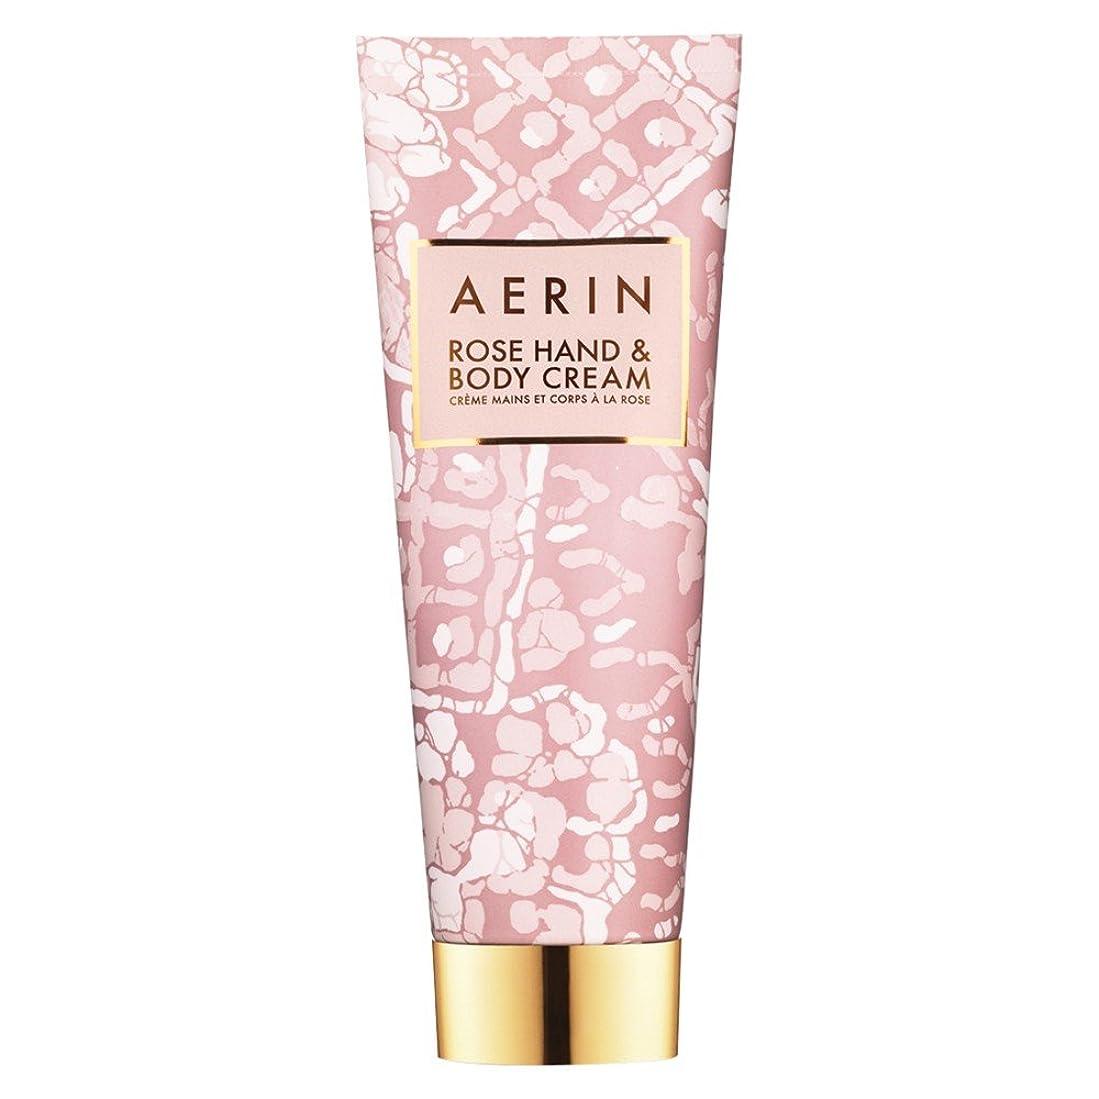 不安調査オゾンAerinはハンド&ボディクリーム125ミリリットルをバラ (AERIN) (x2) - AERIN Rose Hand & Body Cream 125ml (Pack of 2) [並行輸入品]